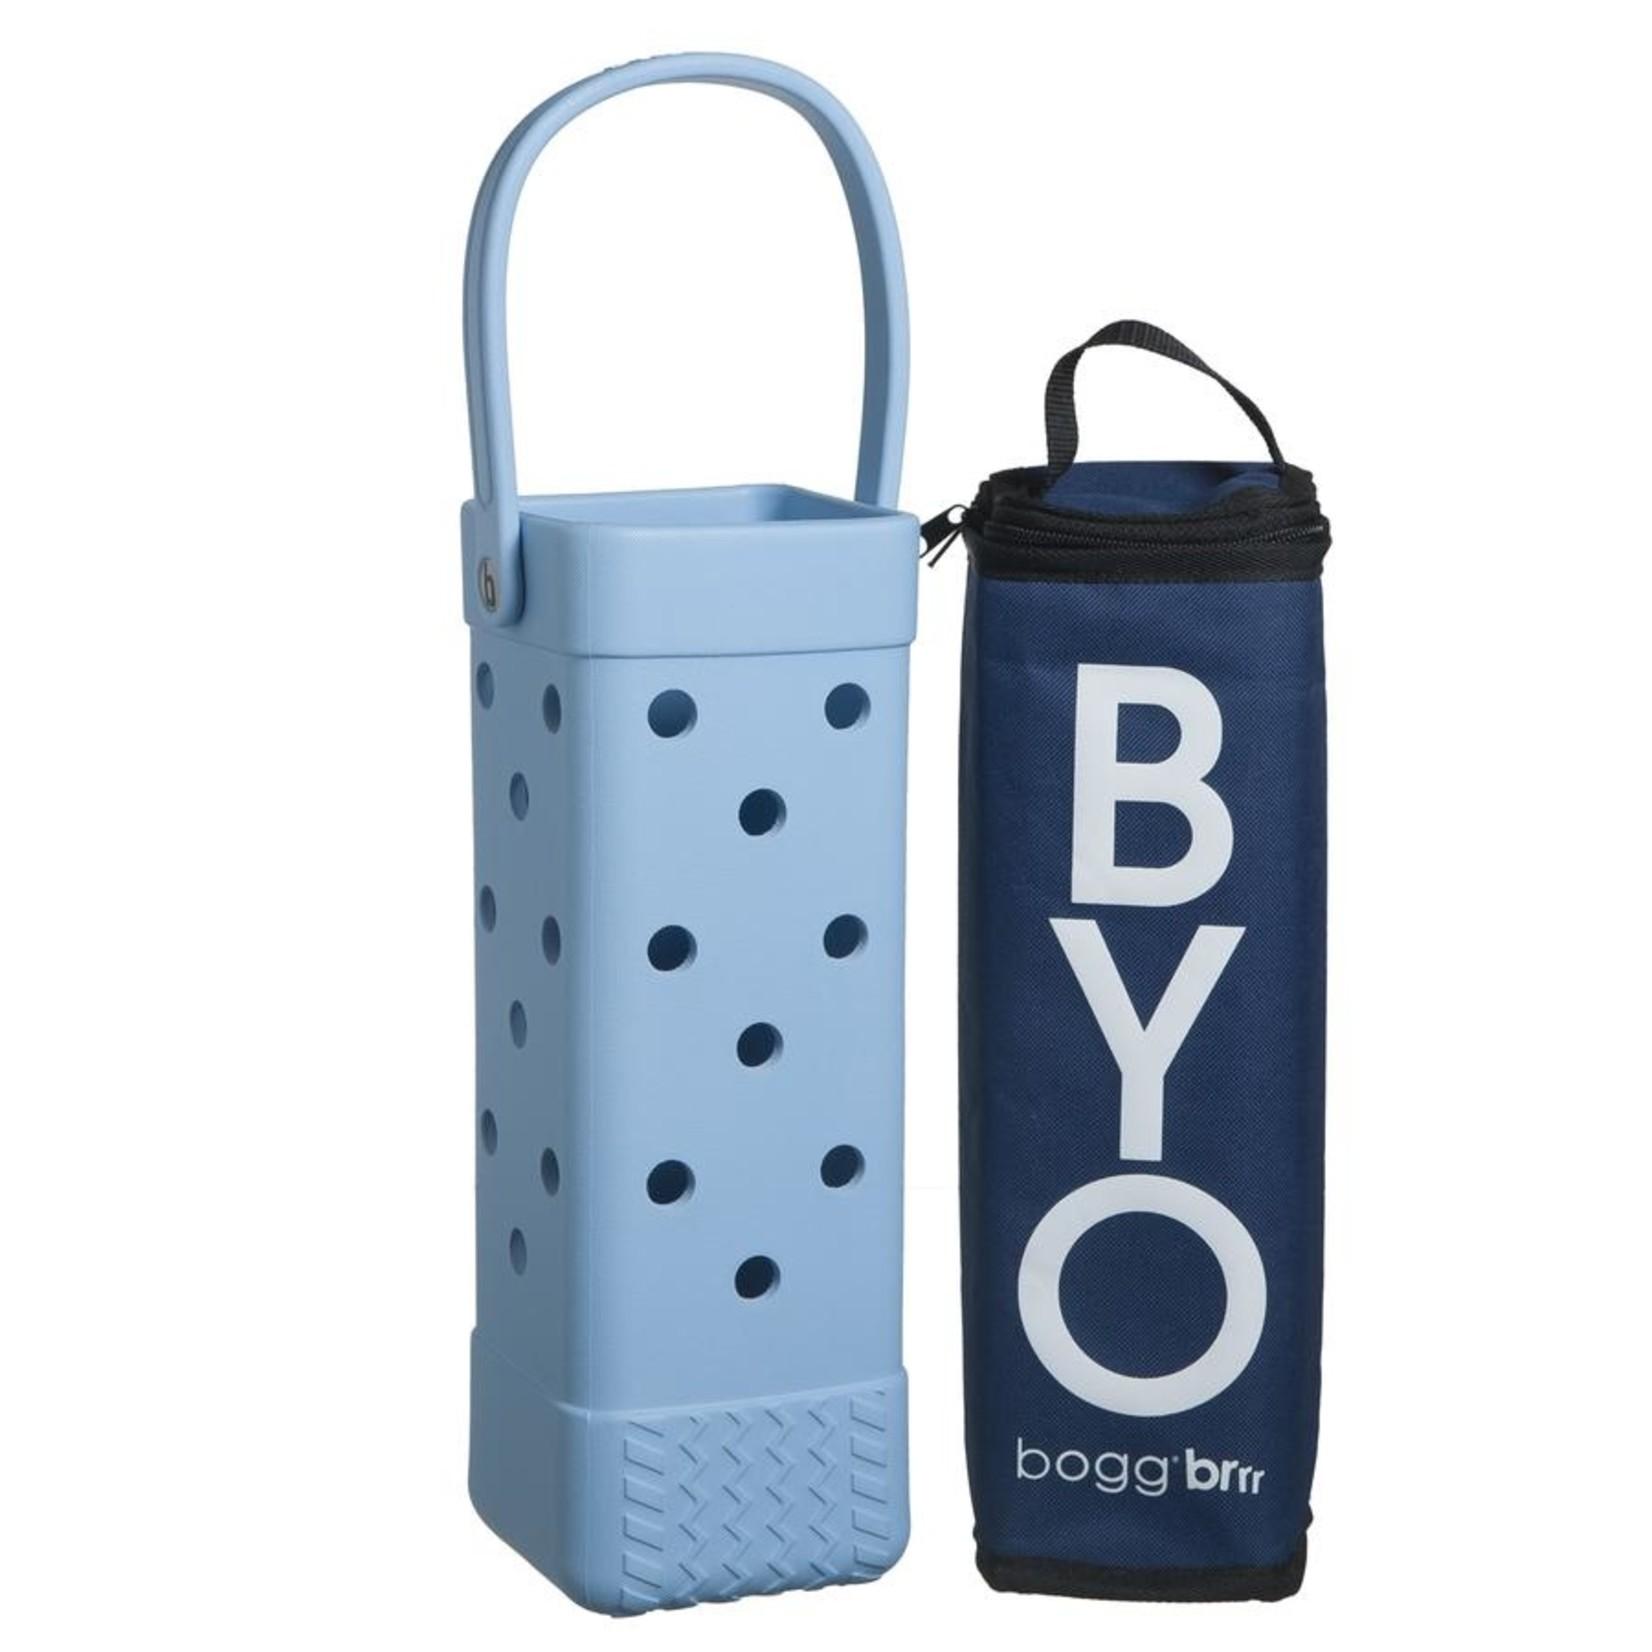 Bogg Bags BYO BOGG BRR NAVY BOGG BRR - COOLER INSERTS